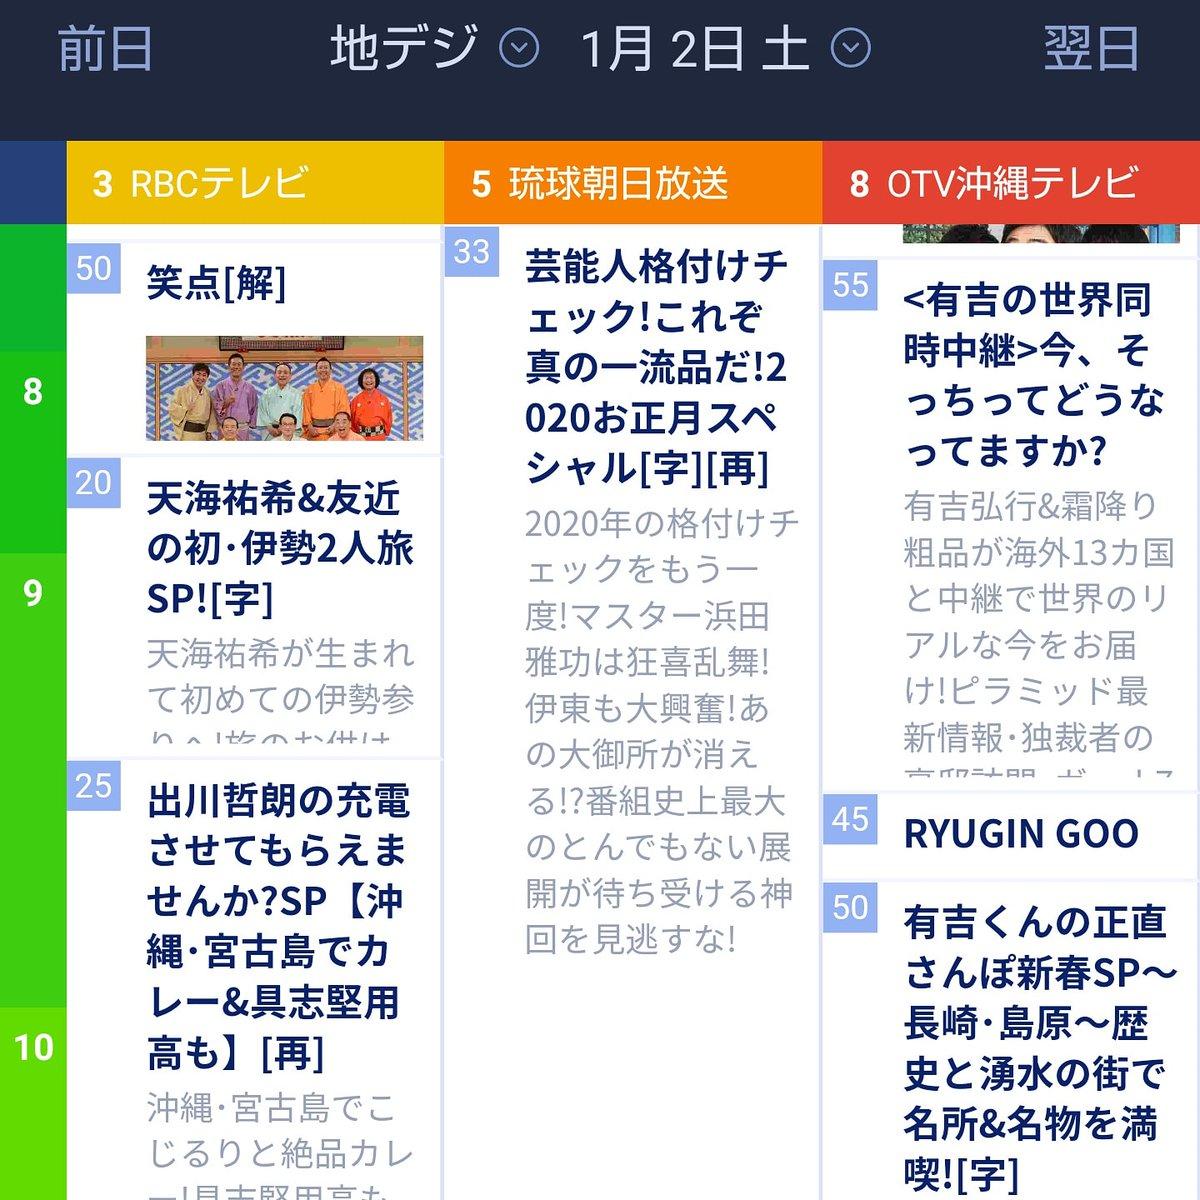 県 テレビ 表 沖縄 番組